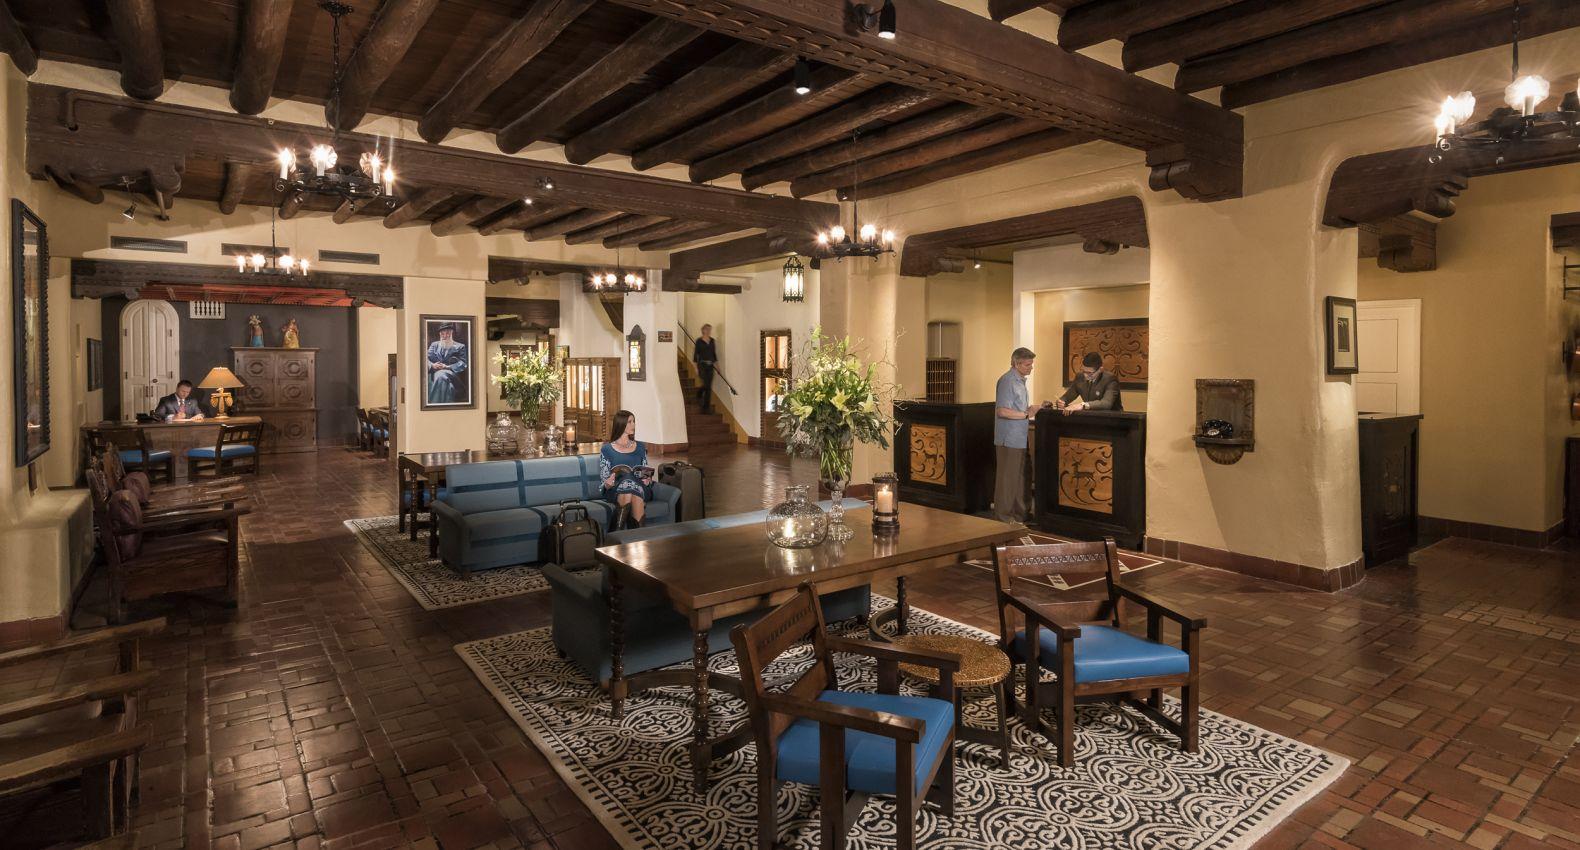 Santa Fe Hotel | Hotels in Santa Fe | La Fonda